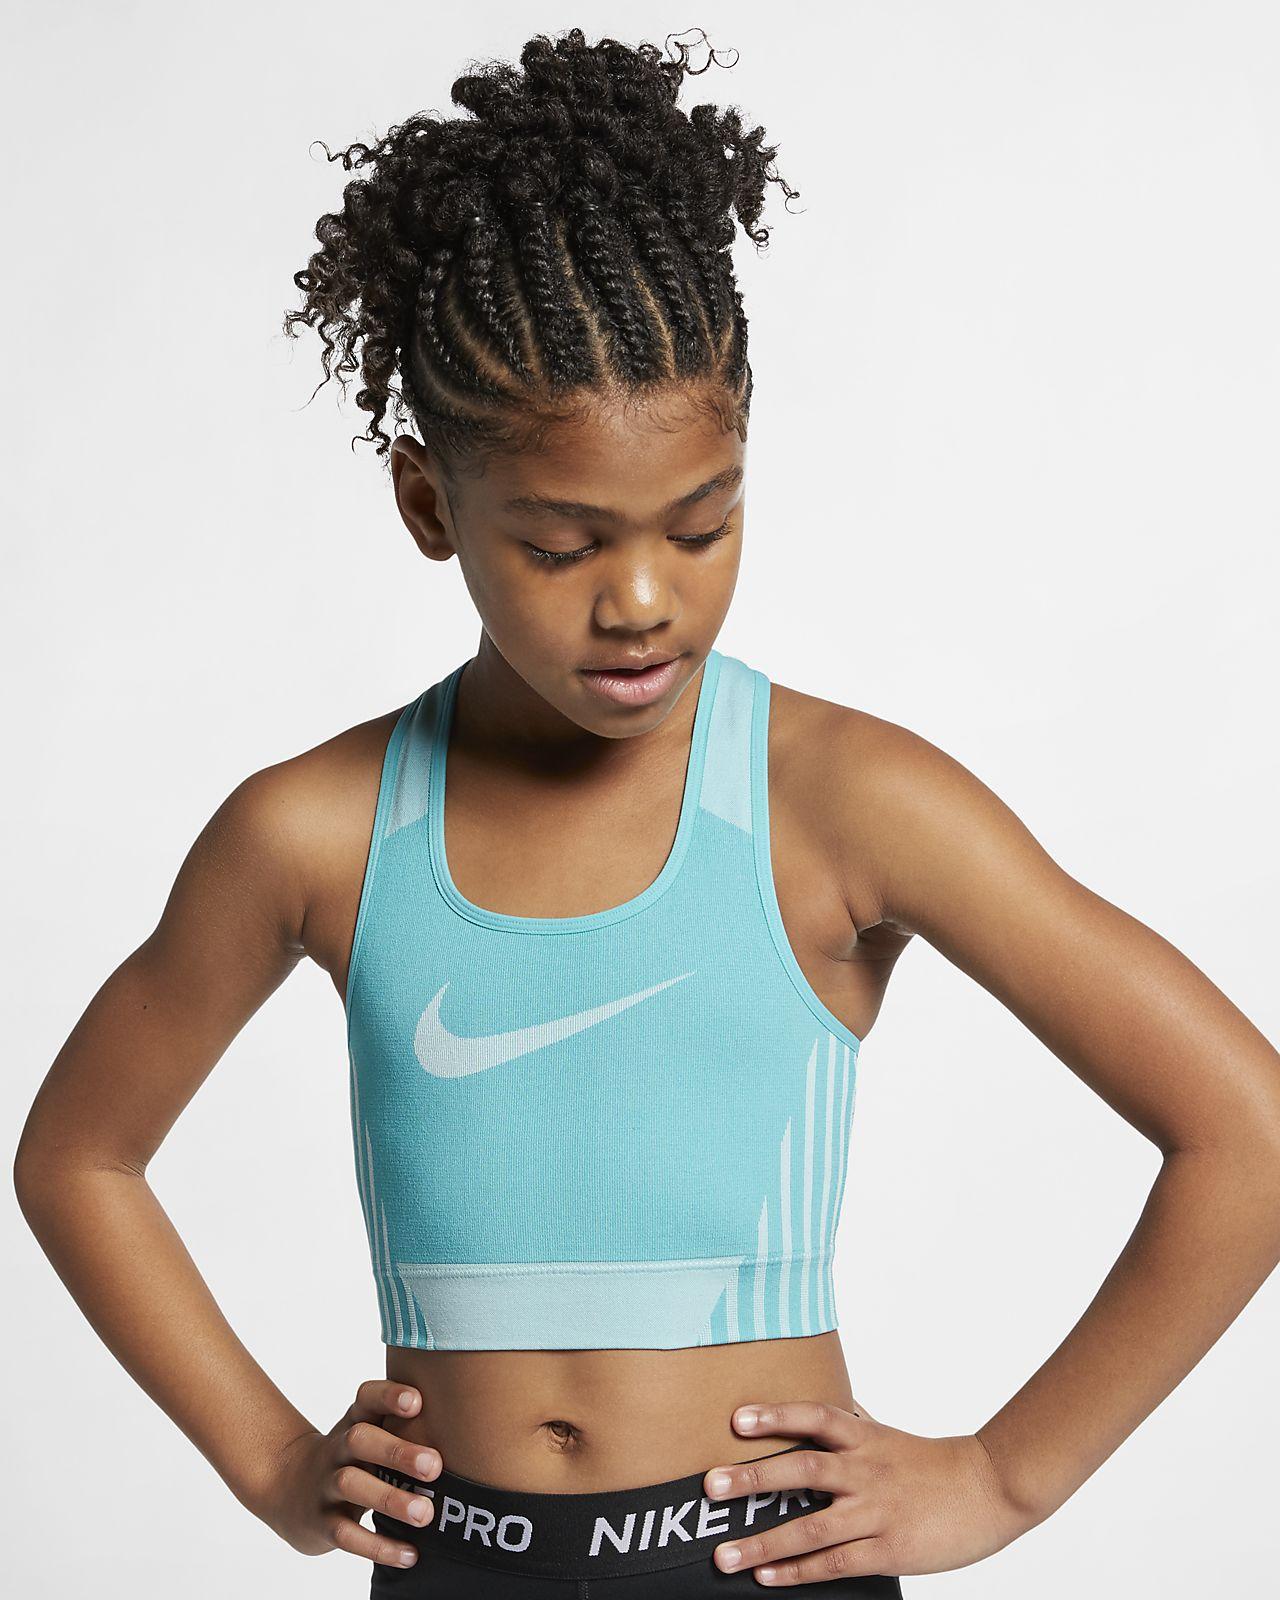 Nike FE/NOM med Sculpt-bh för tjejer